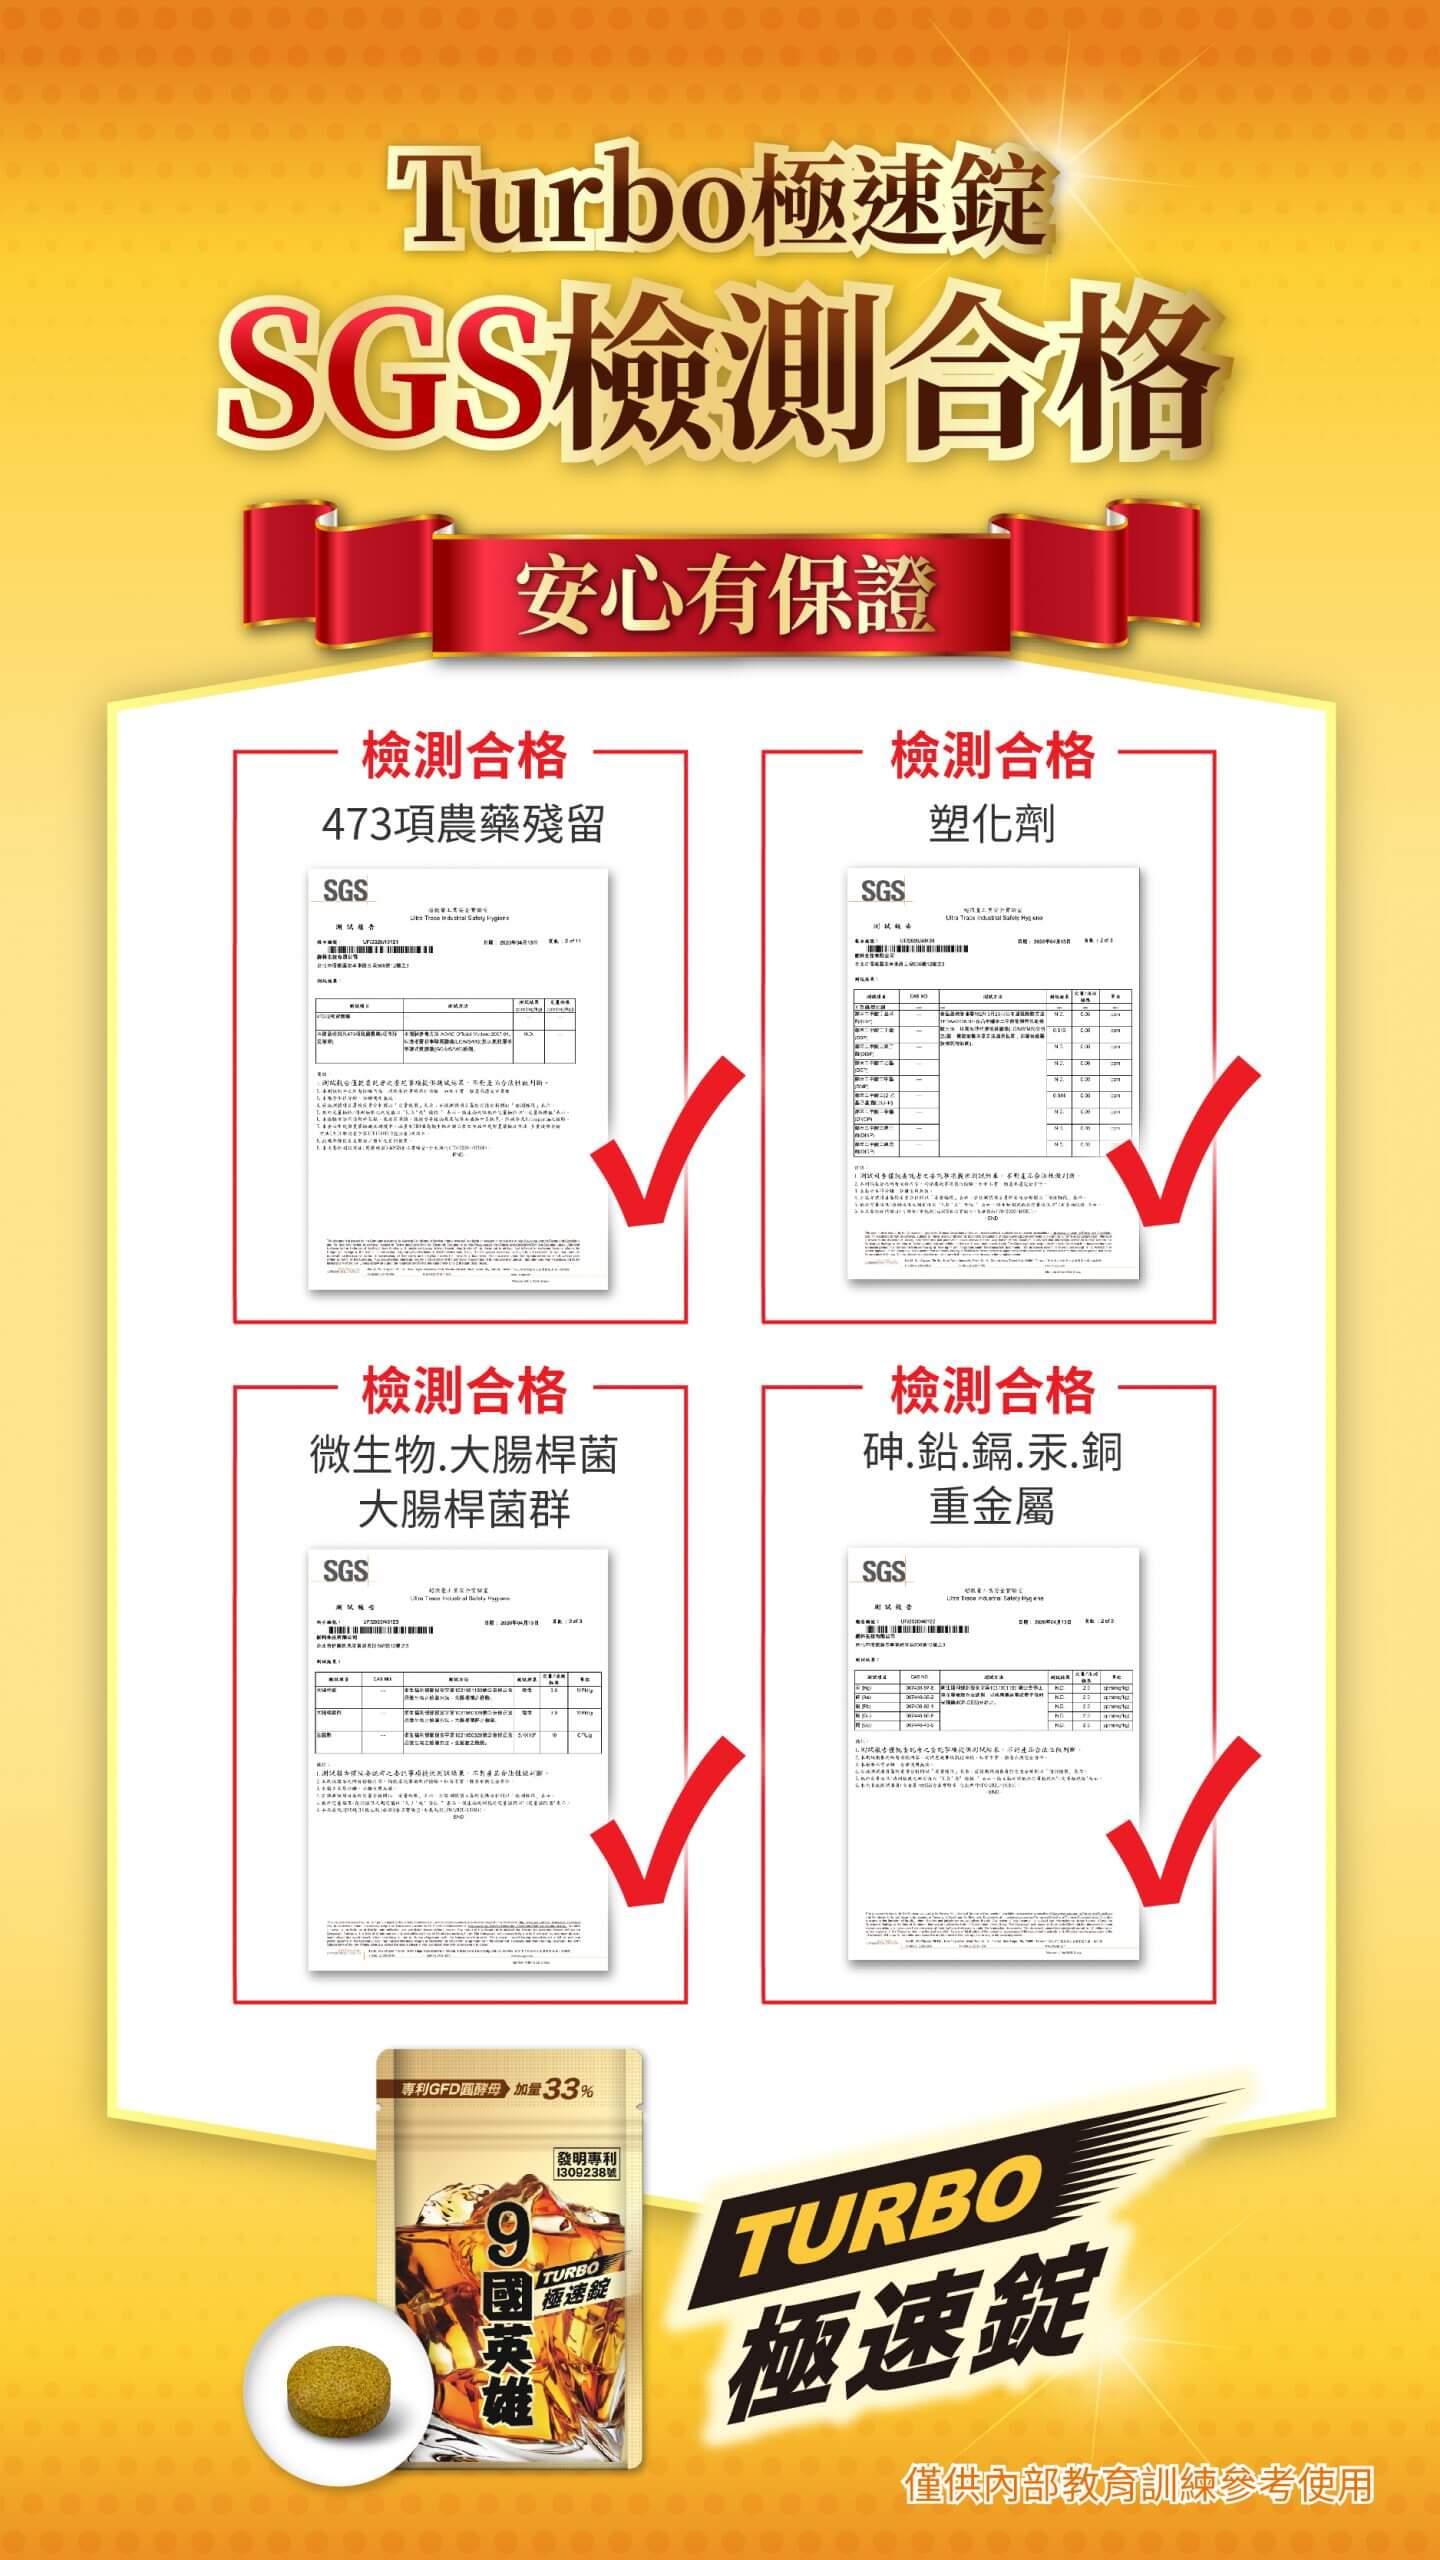 婕樂纖9國英雄Turbo極速錠SGS安全認證